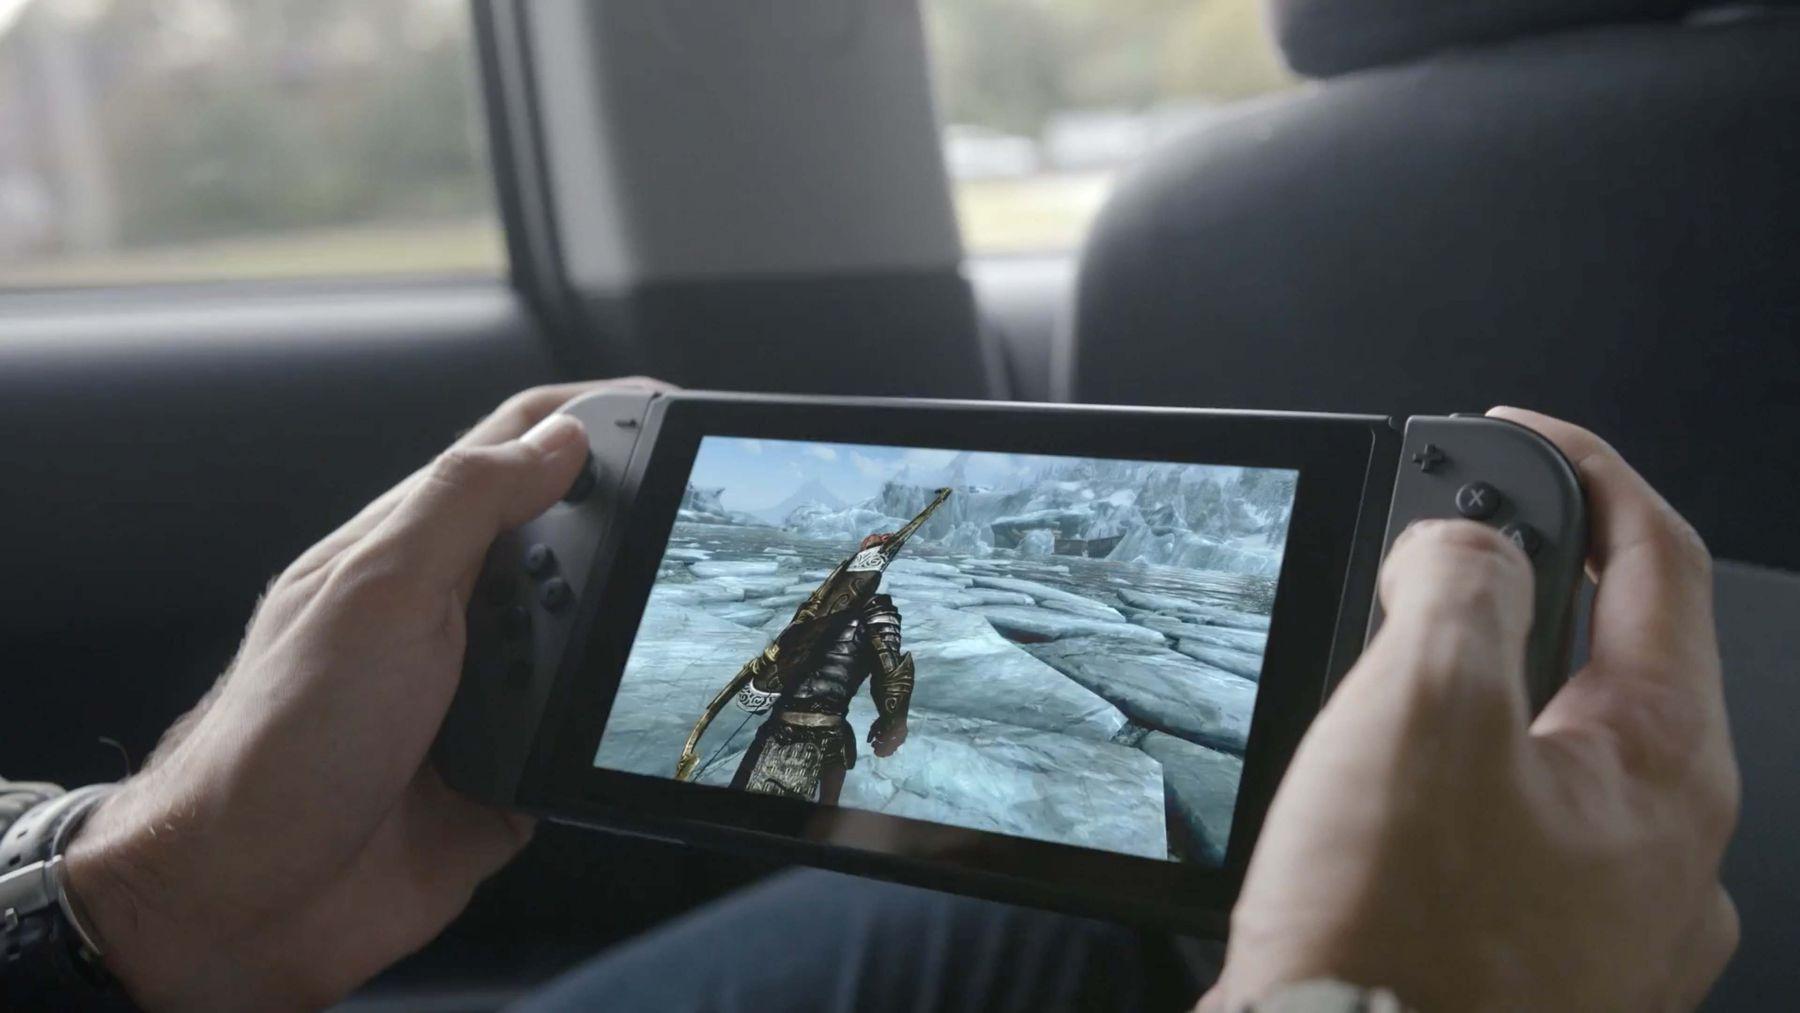 La console Nintendo Switch (au milieu), rattachée à deux contrôleurs Joy-Con (sur les côtés)